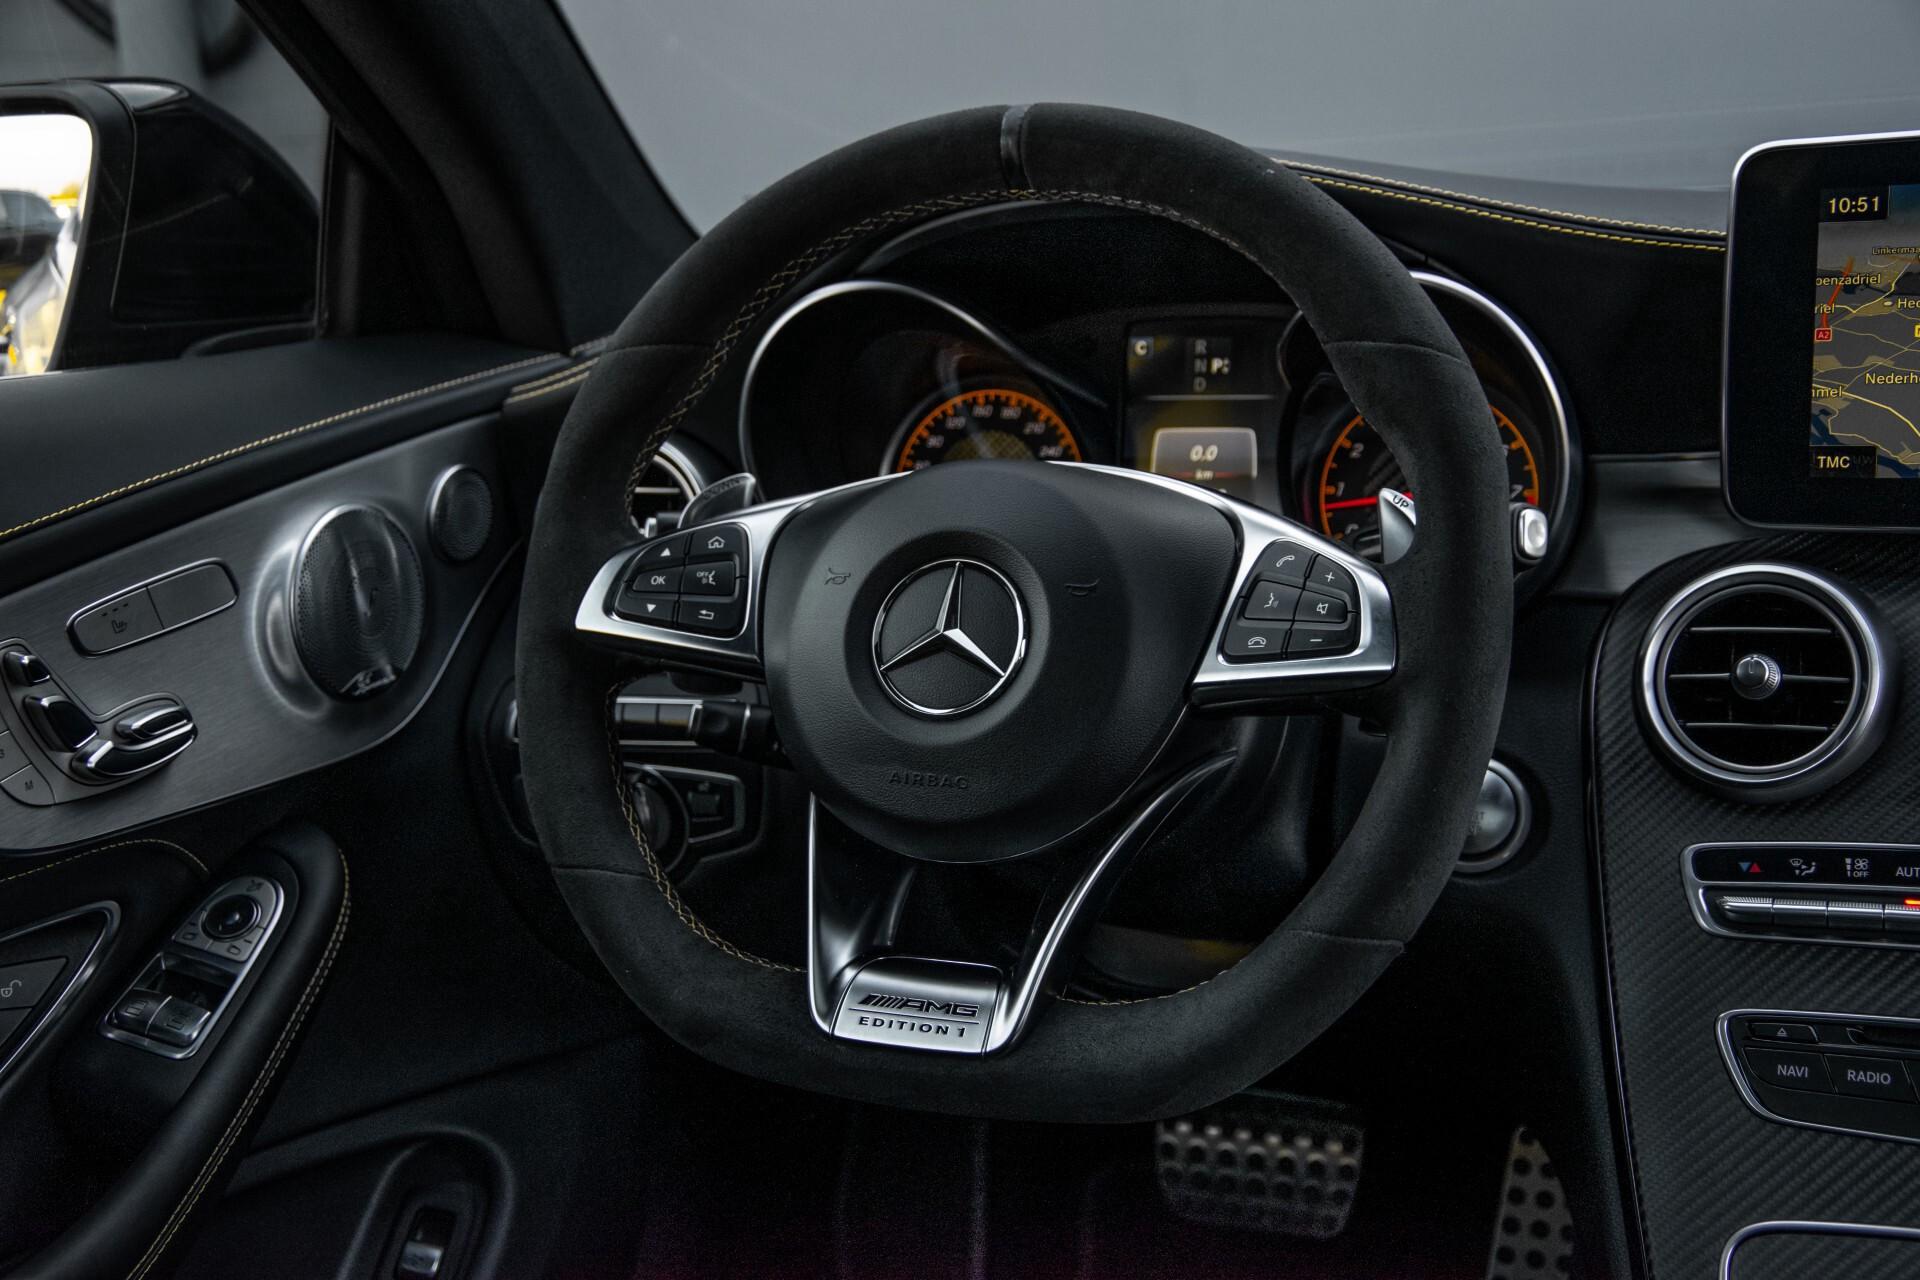 Mercedes-Benz C-Klasse Coupé 63 S AMG EDITION 1 Panorama Aut7 Foto 7